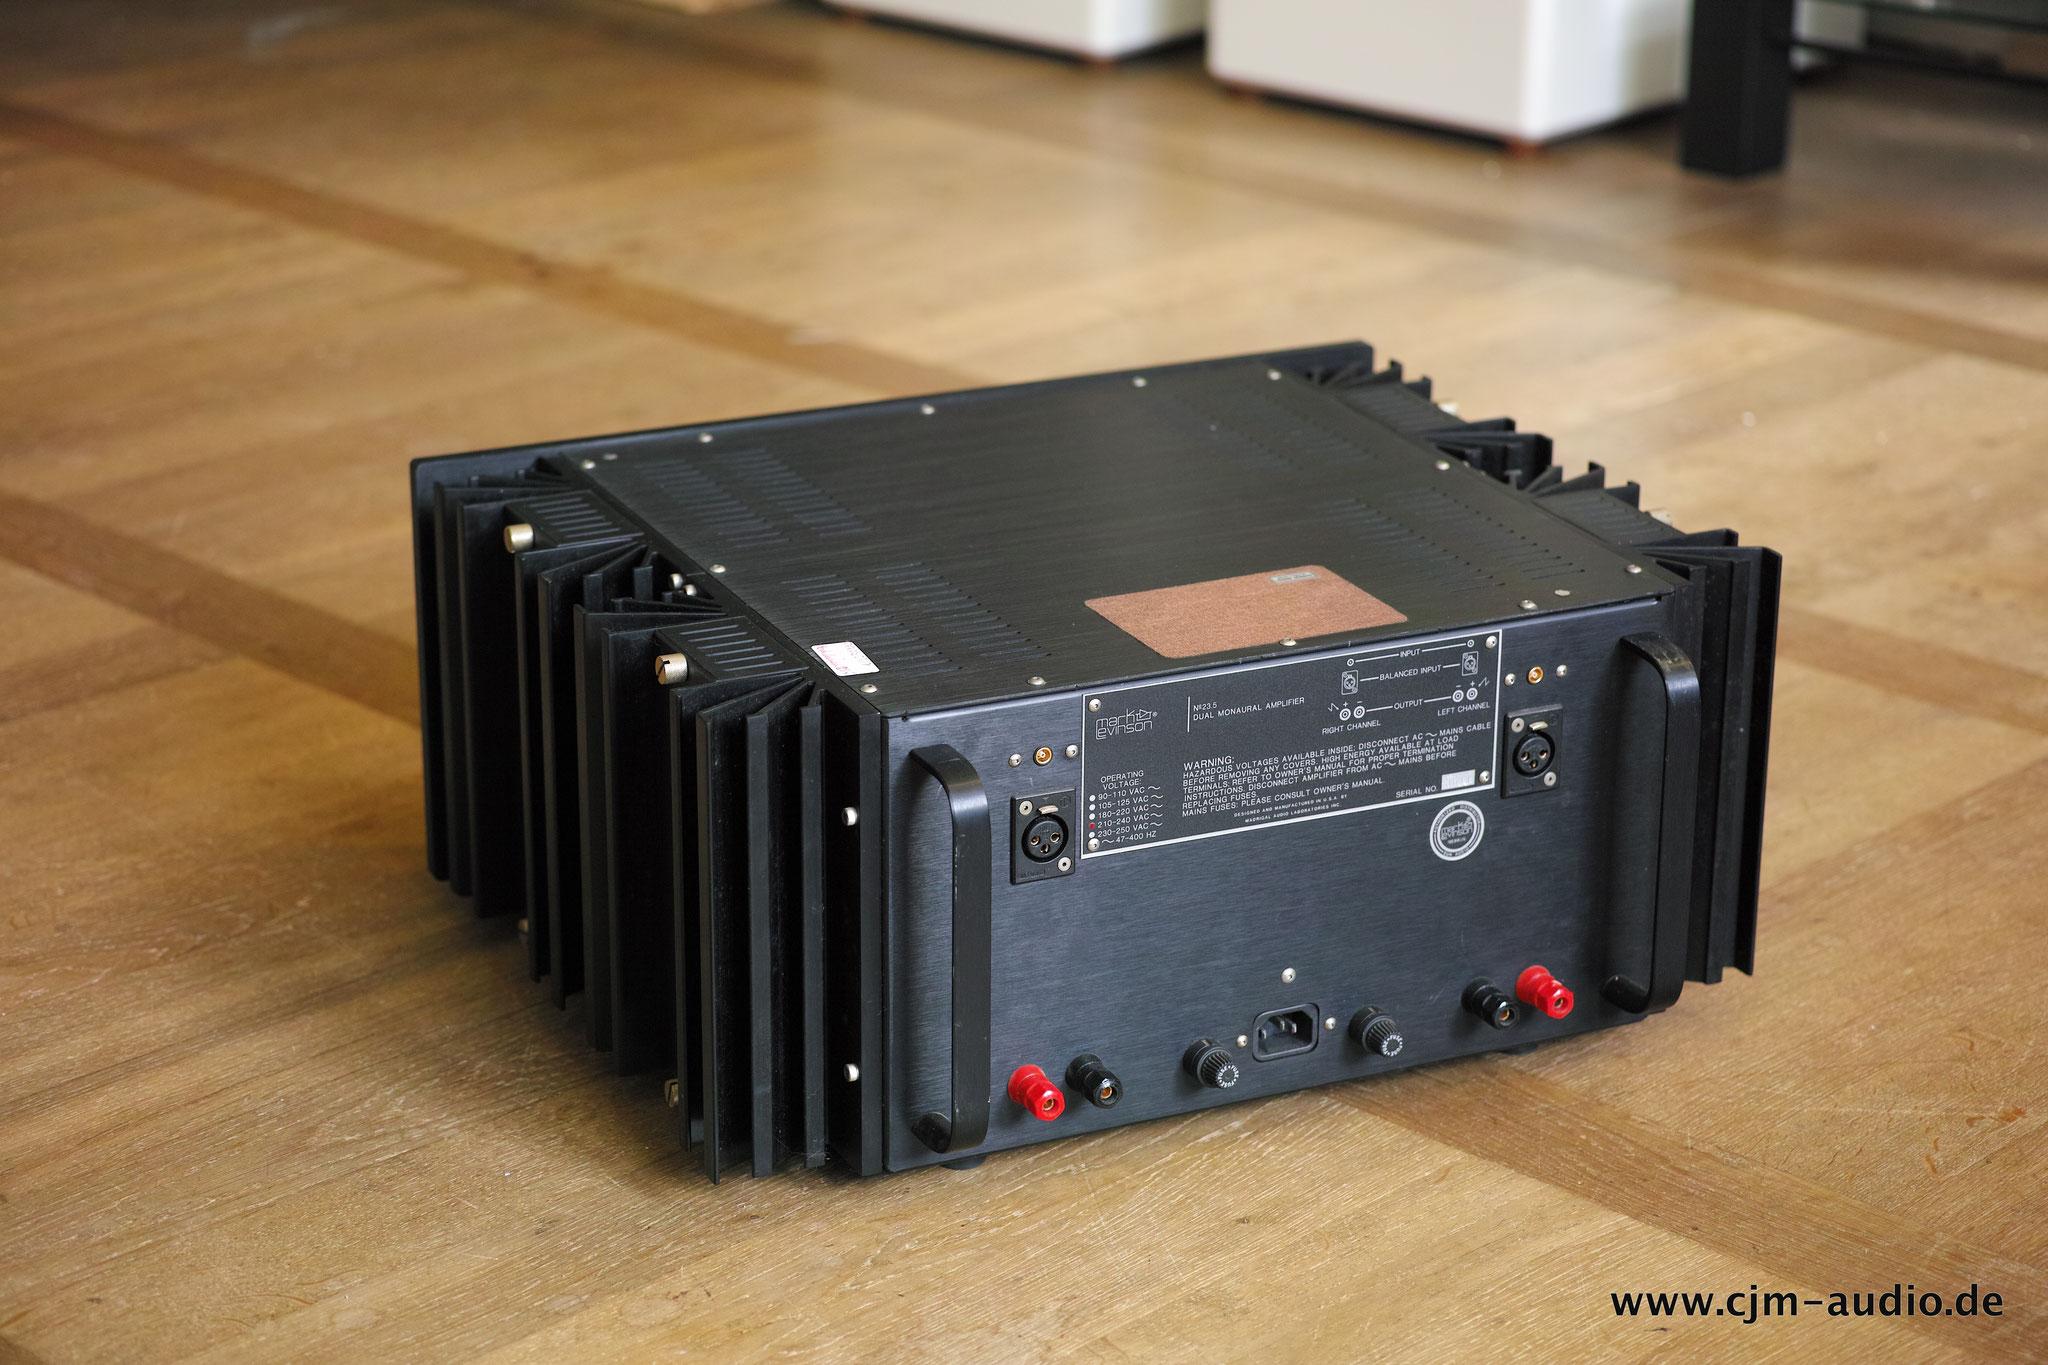 Mark Levinson - cjm-audio High End Audiomarkt für Gebrauchtgeräte